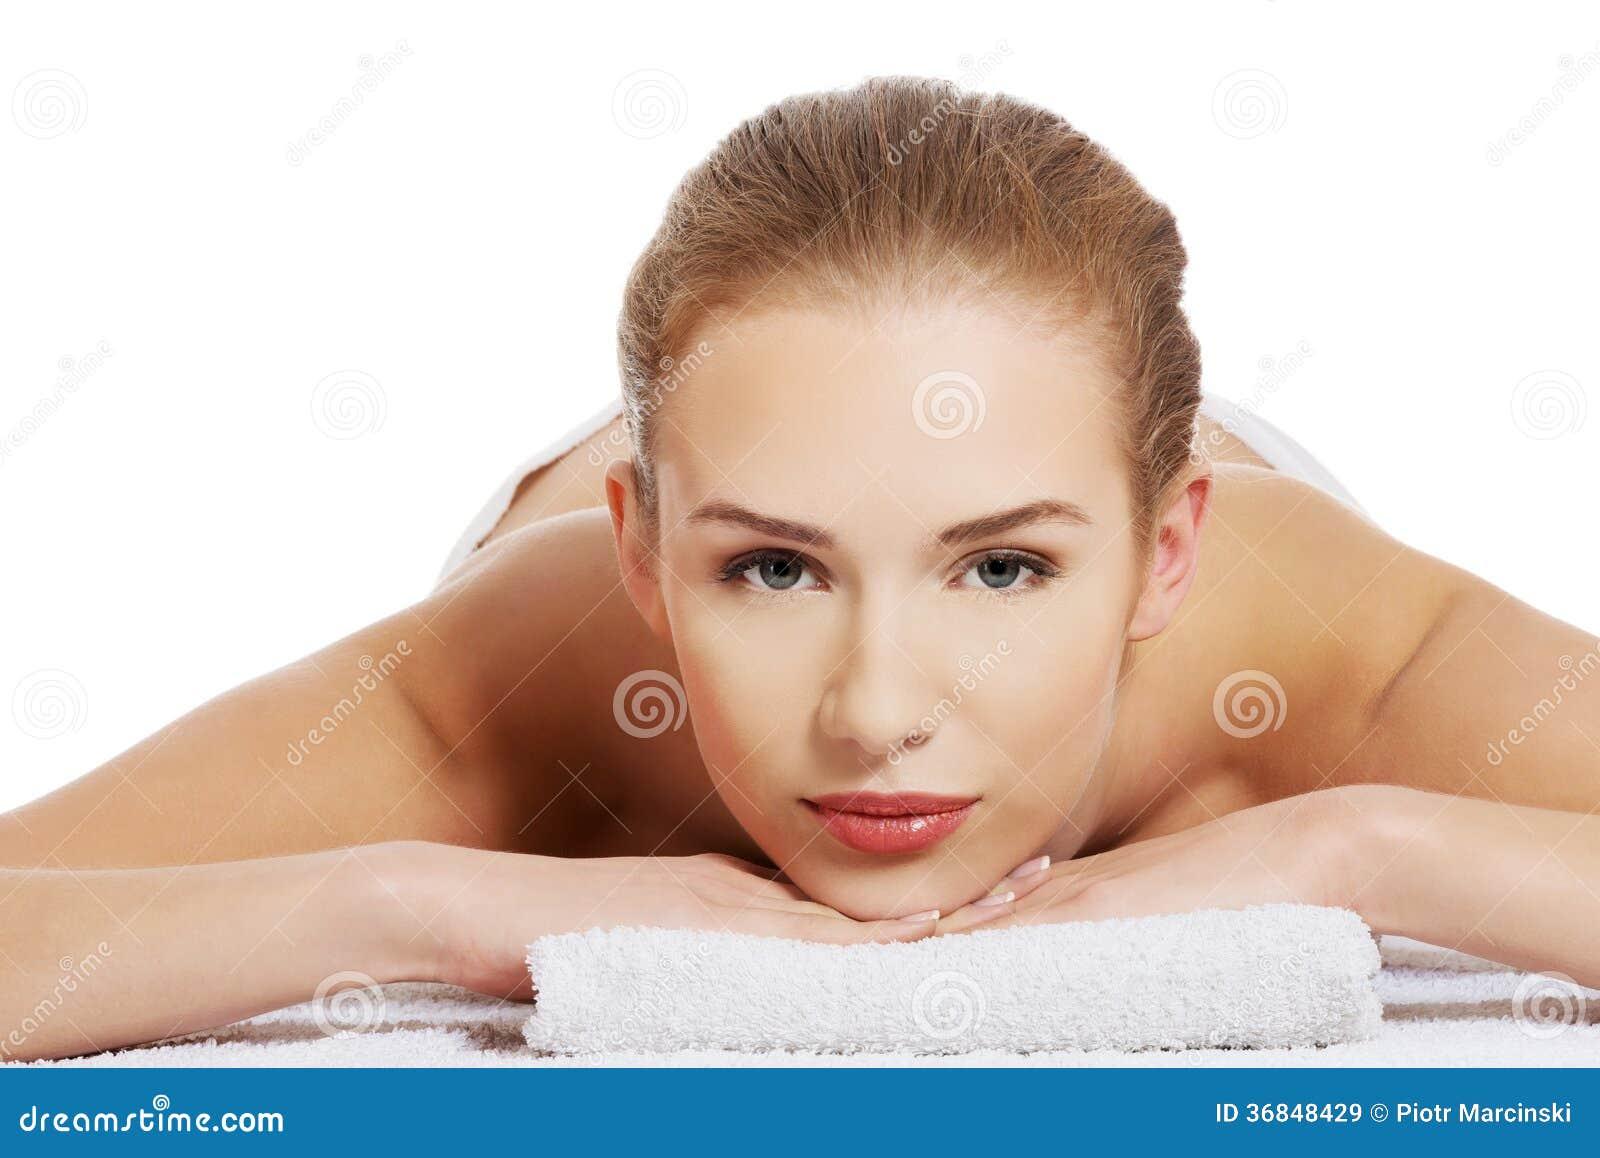 AbsoluGirl - Massages - Videos de femmes nues sexy